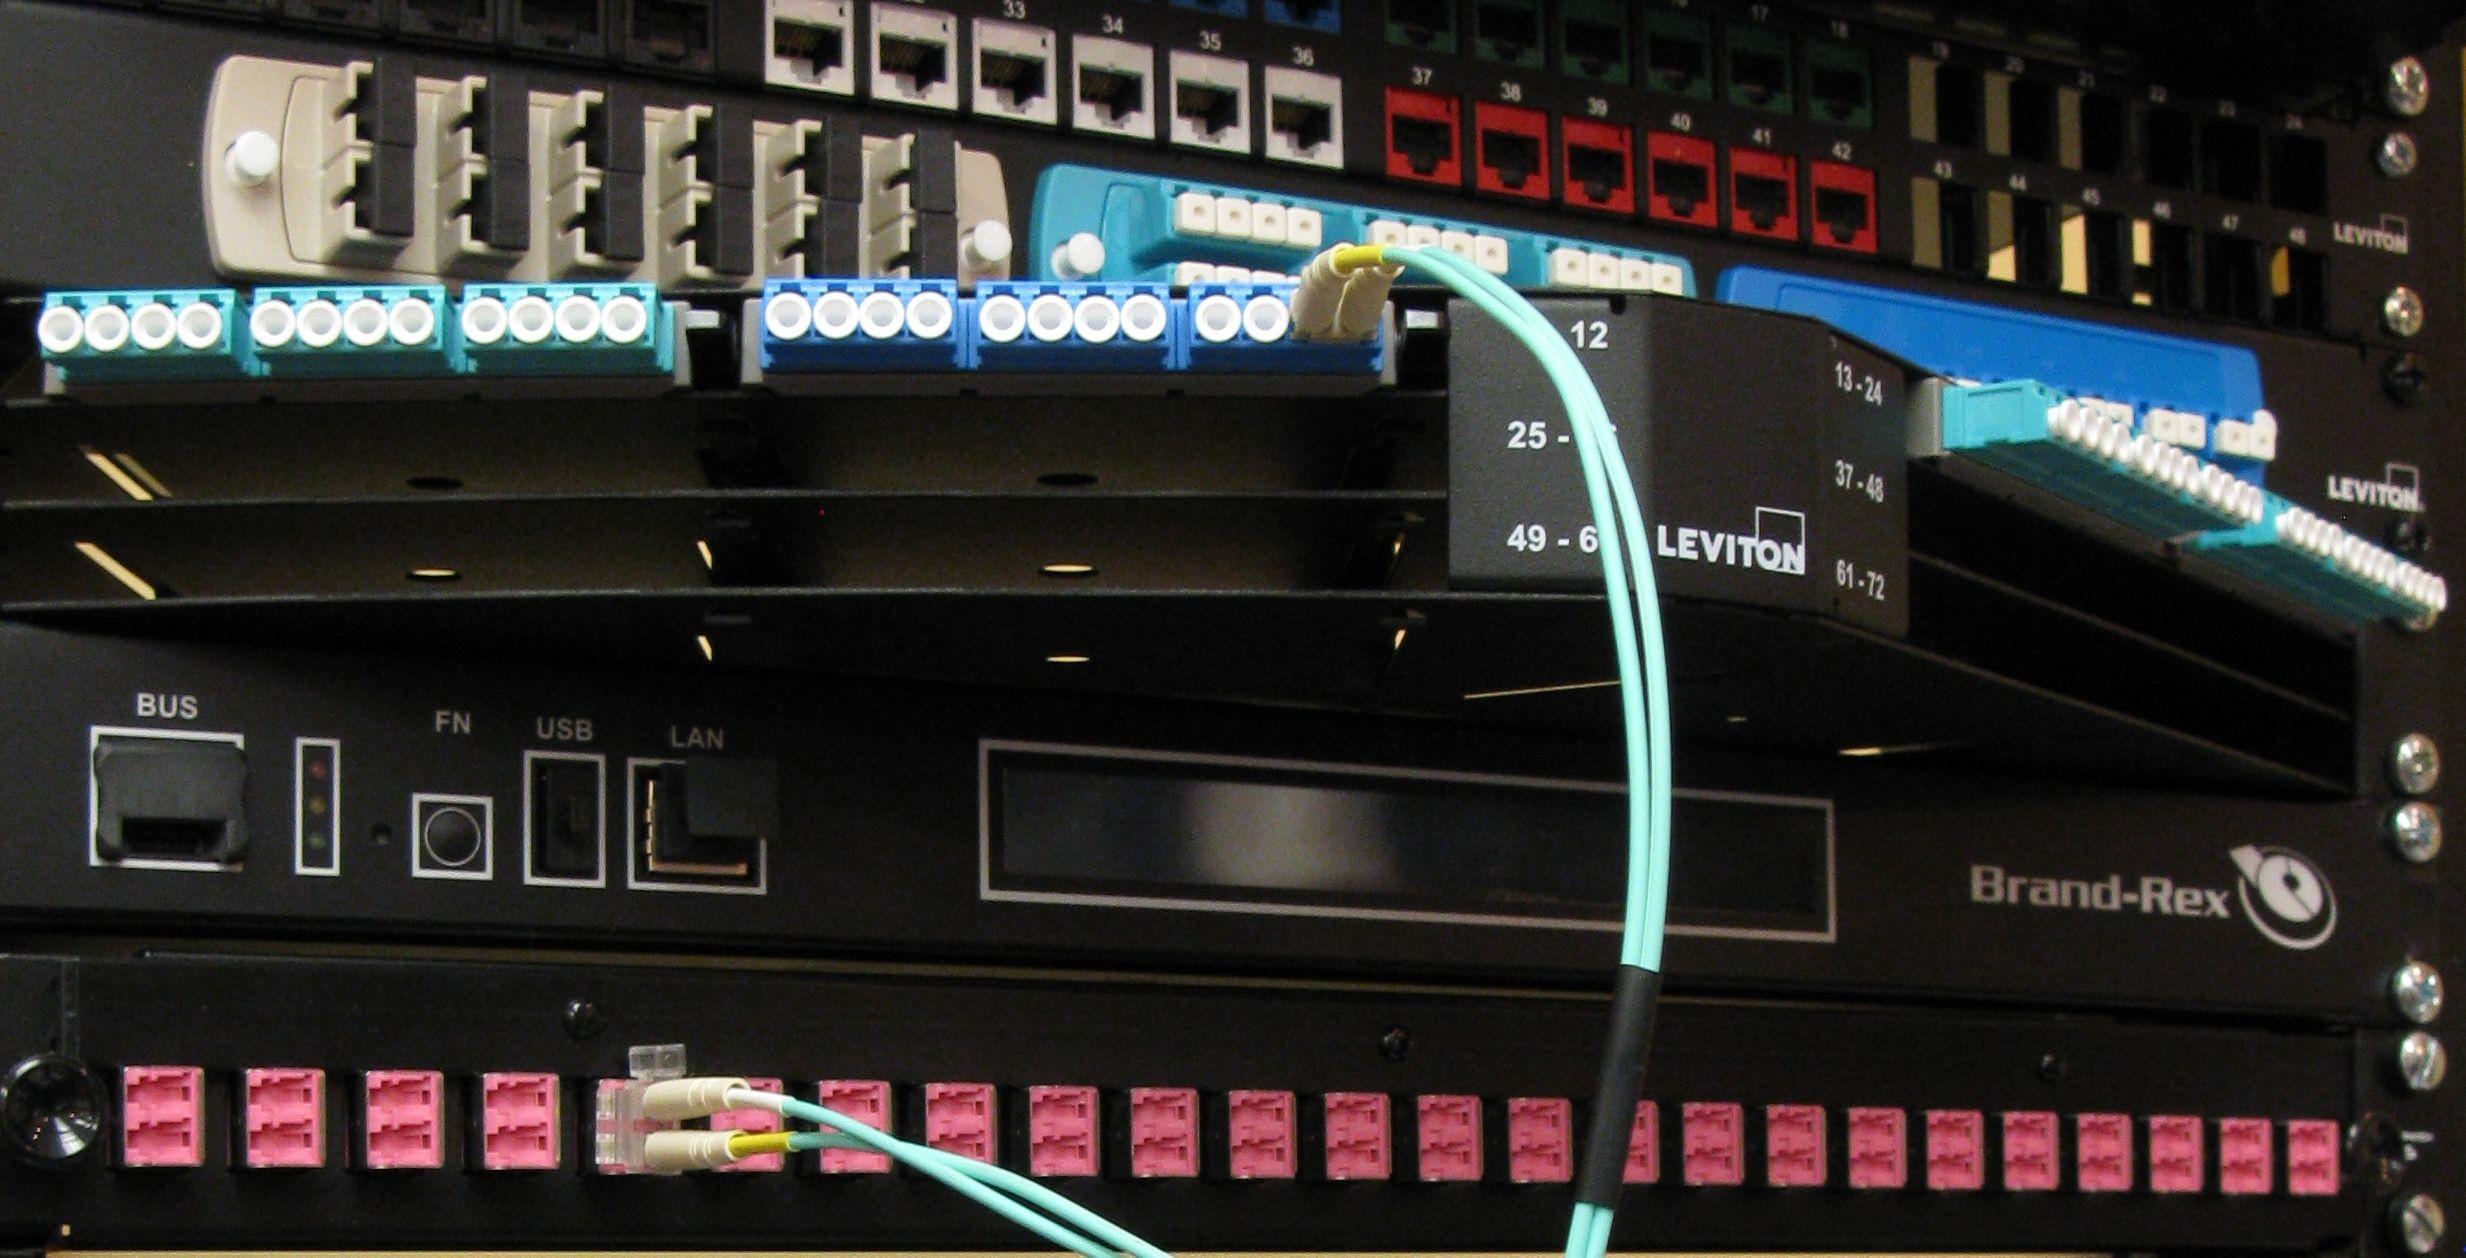 Leviton/Brand-Rex, CommScope, Panduit, Reichle & DeMassari, 3M, AMP Netconnect,Systimax, Legrand